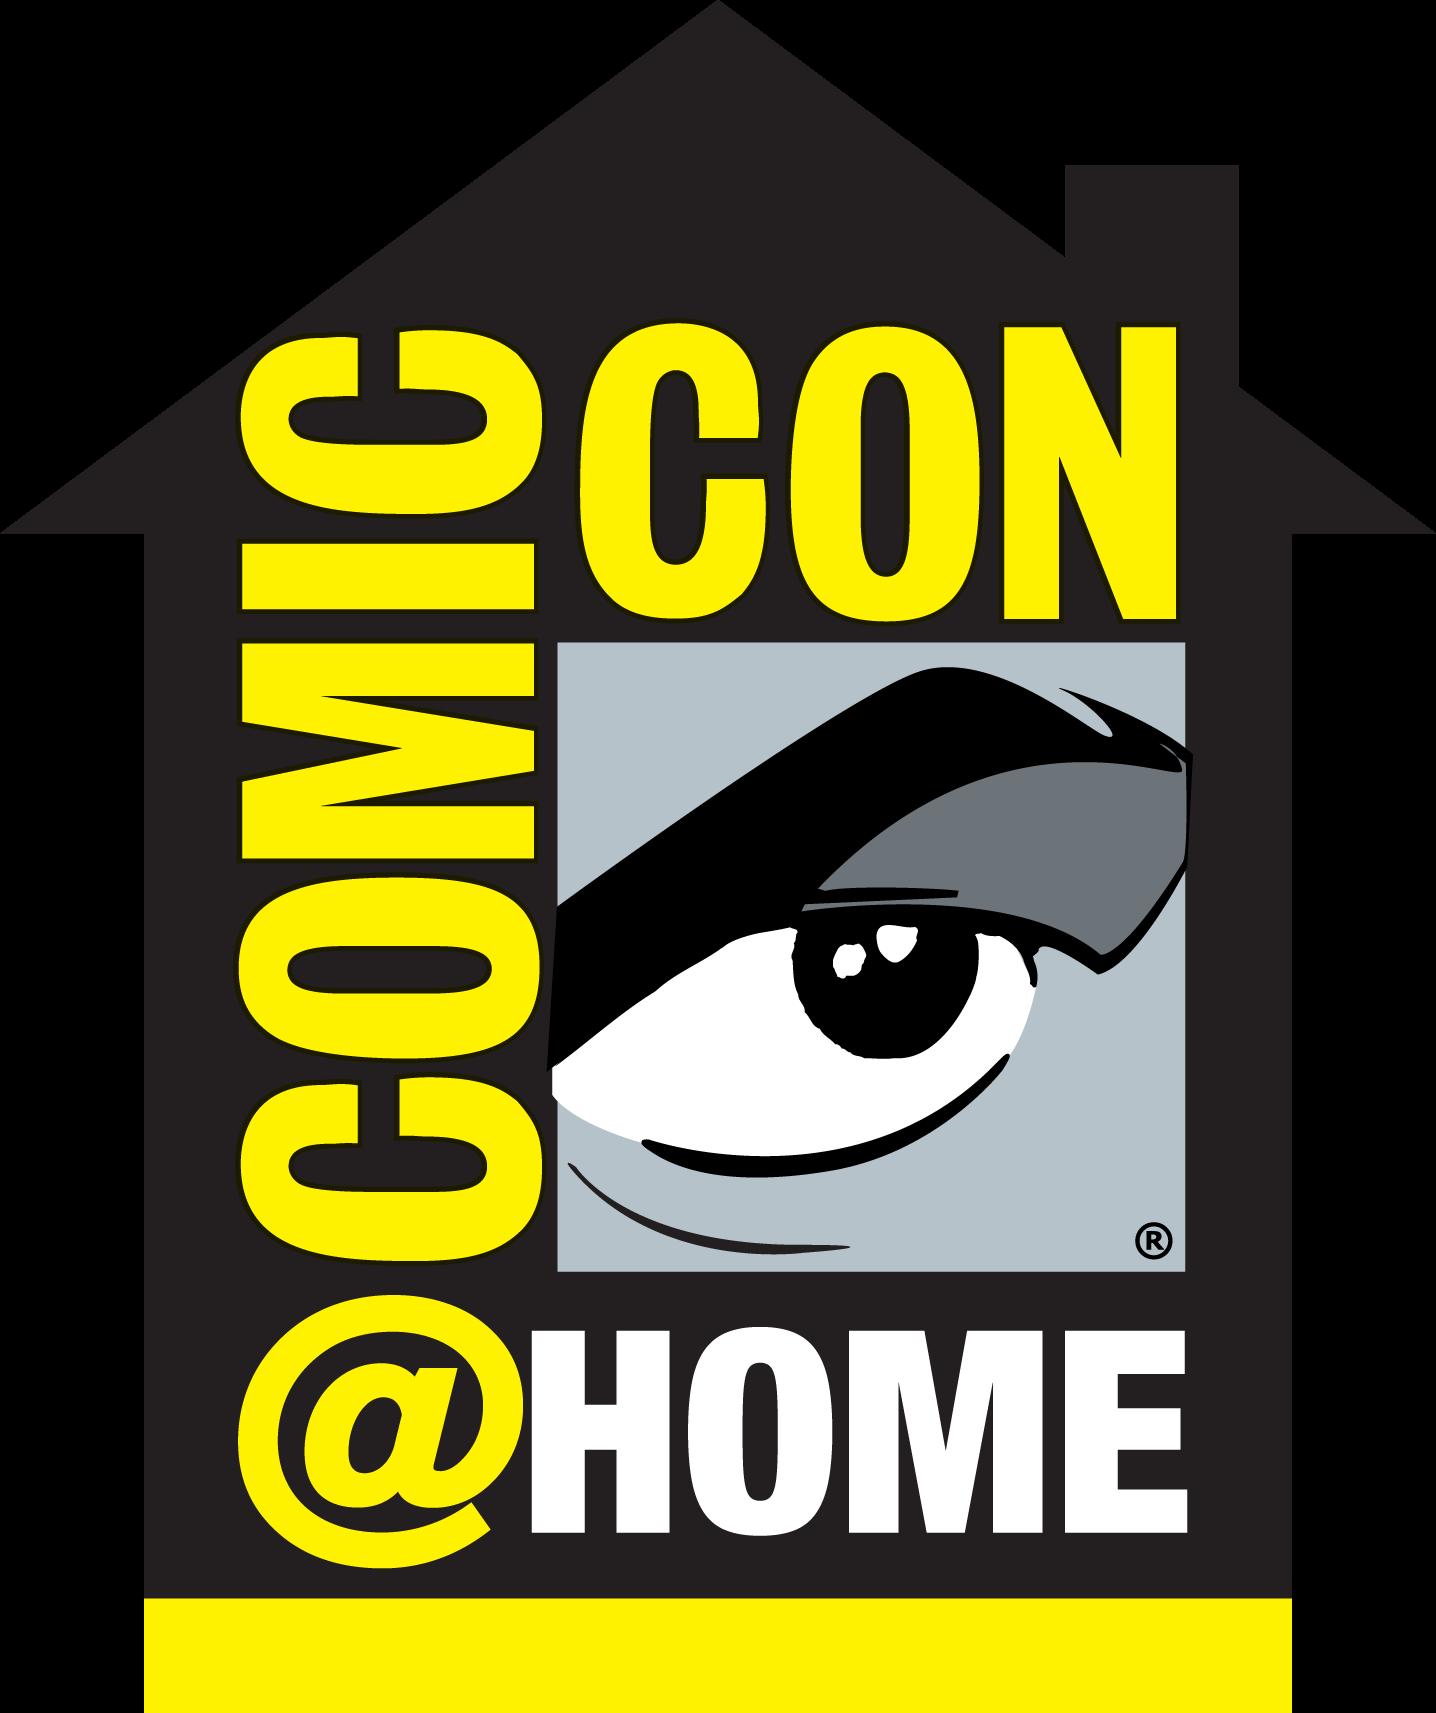 Sandiego Comic Con @ Home 2021